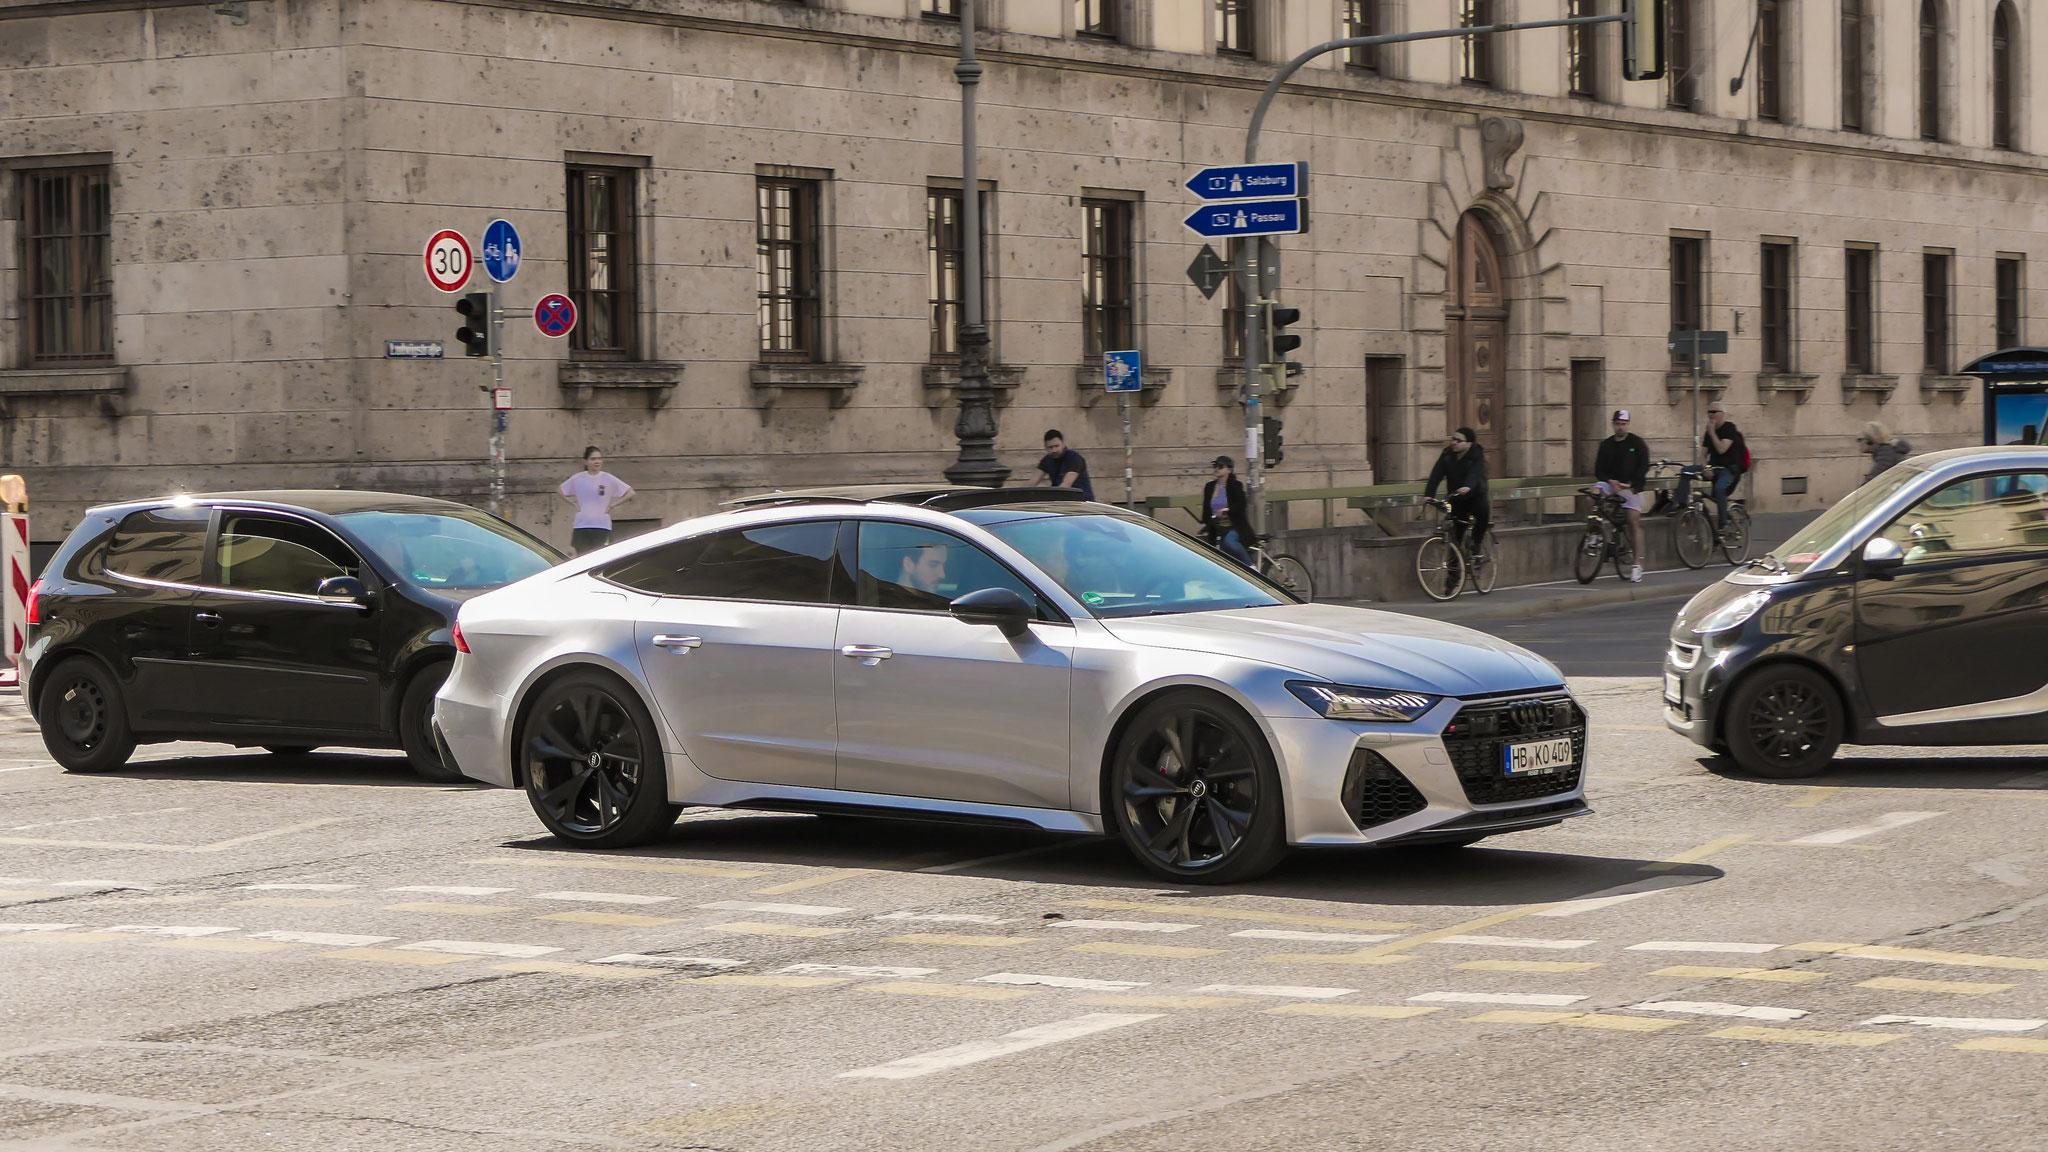 Audi RS7 - HB-KO-409